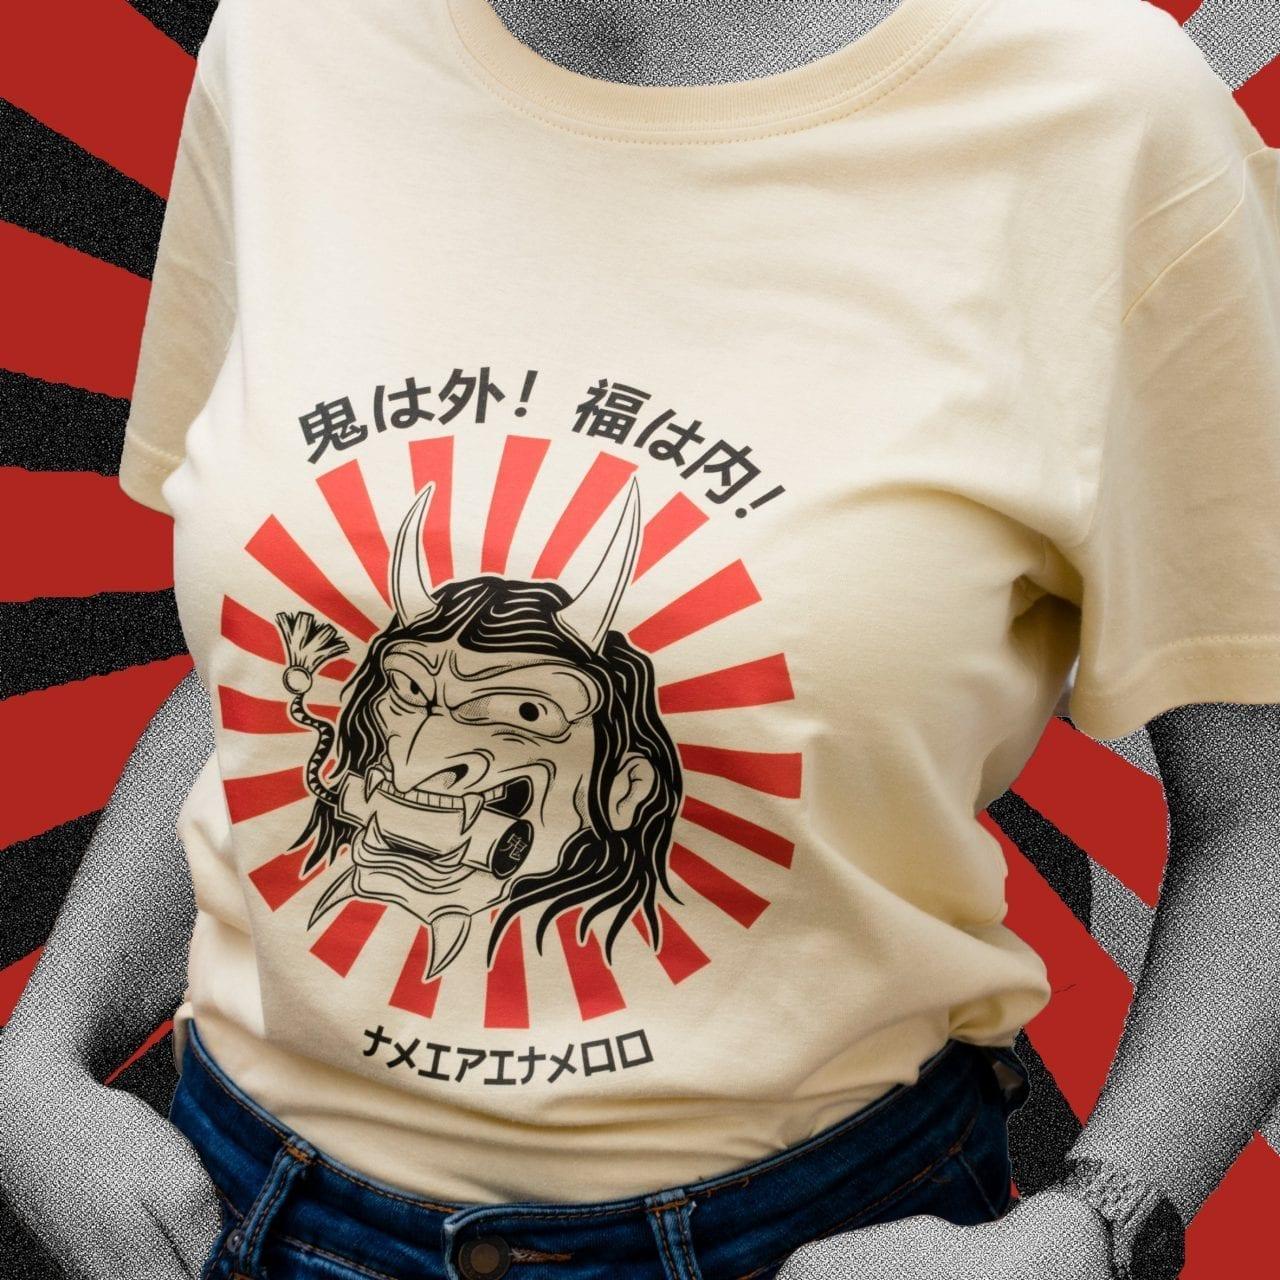 Txipitxao T-shirts!!